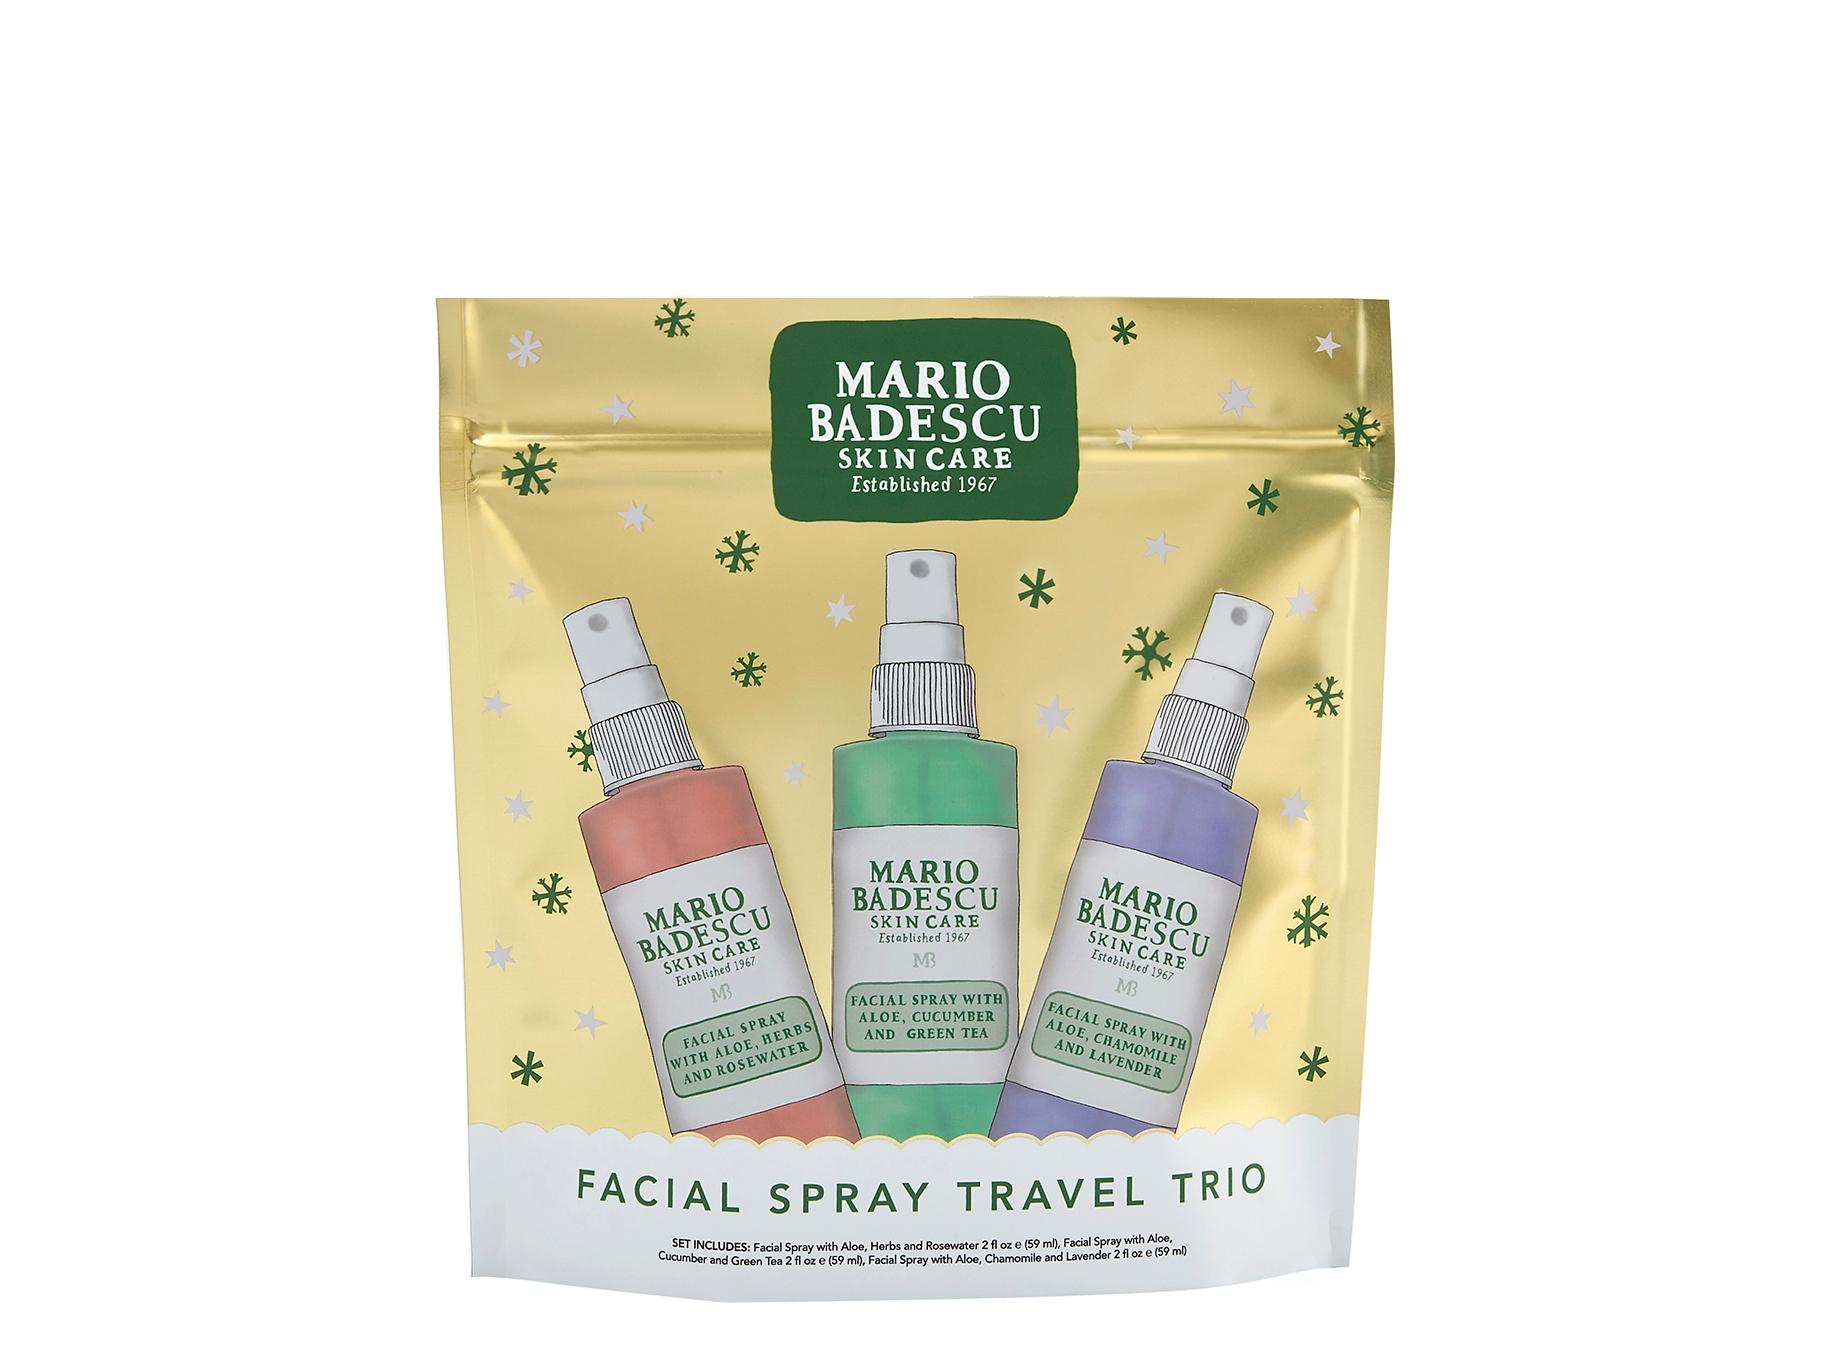 Facial Spray Travel Trio